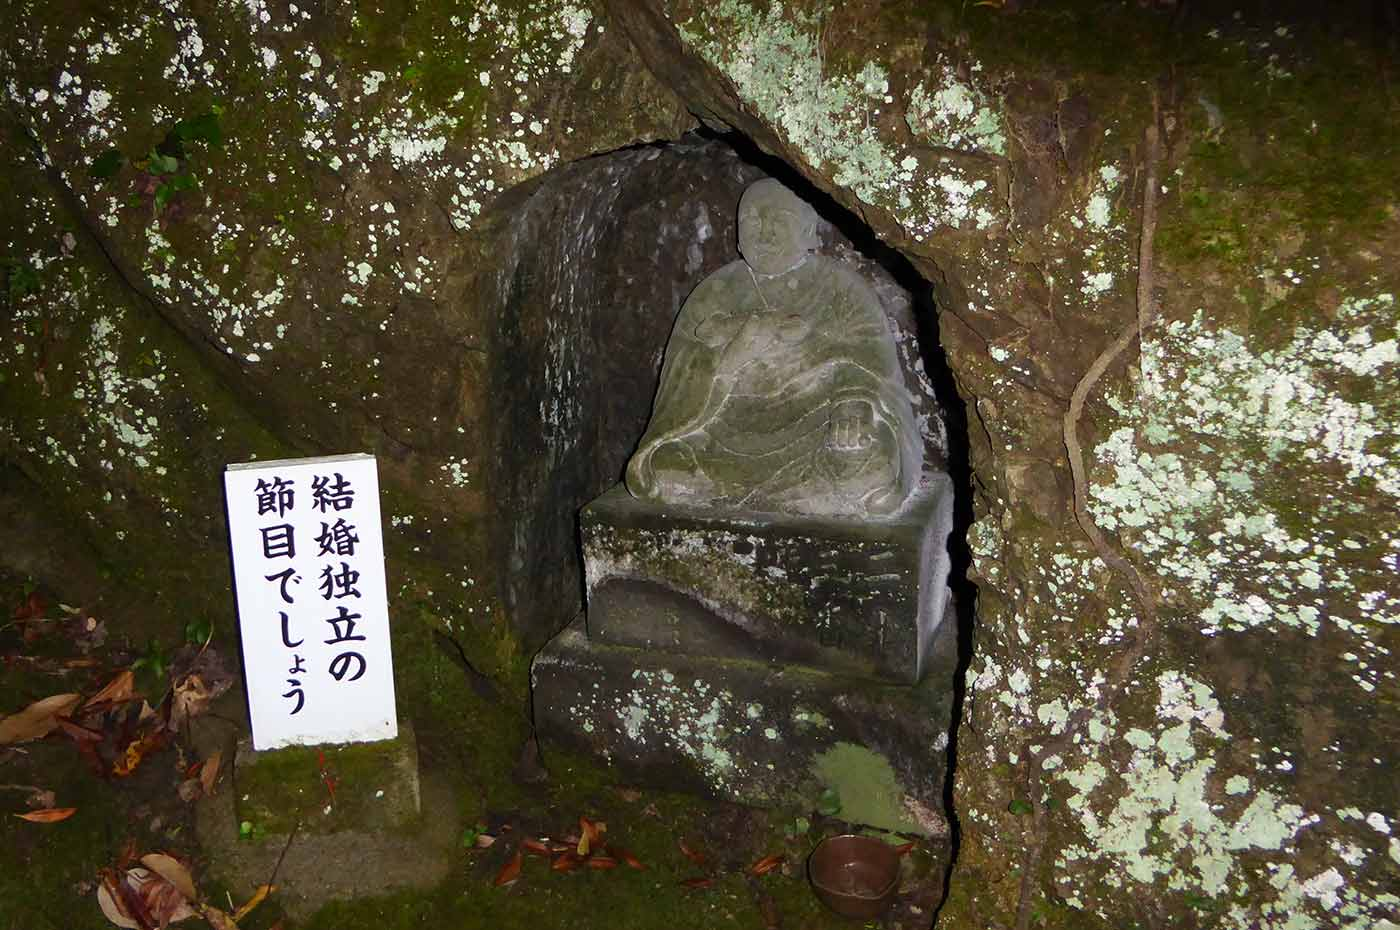 高野山霊場八十八ヶ所の結婚独立の節目の石像